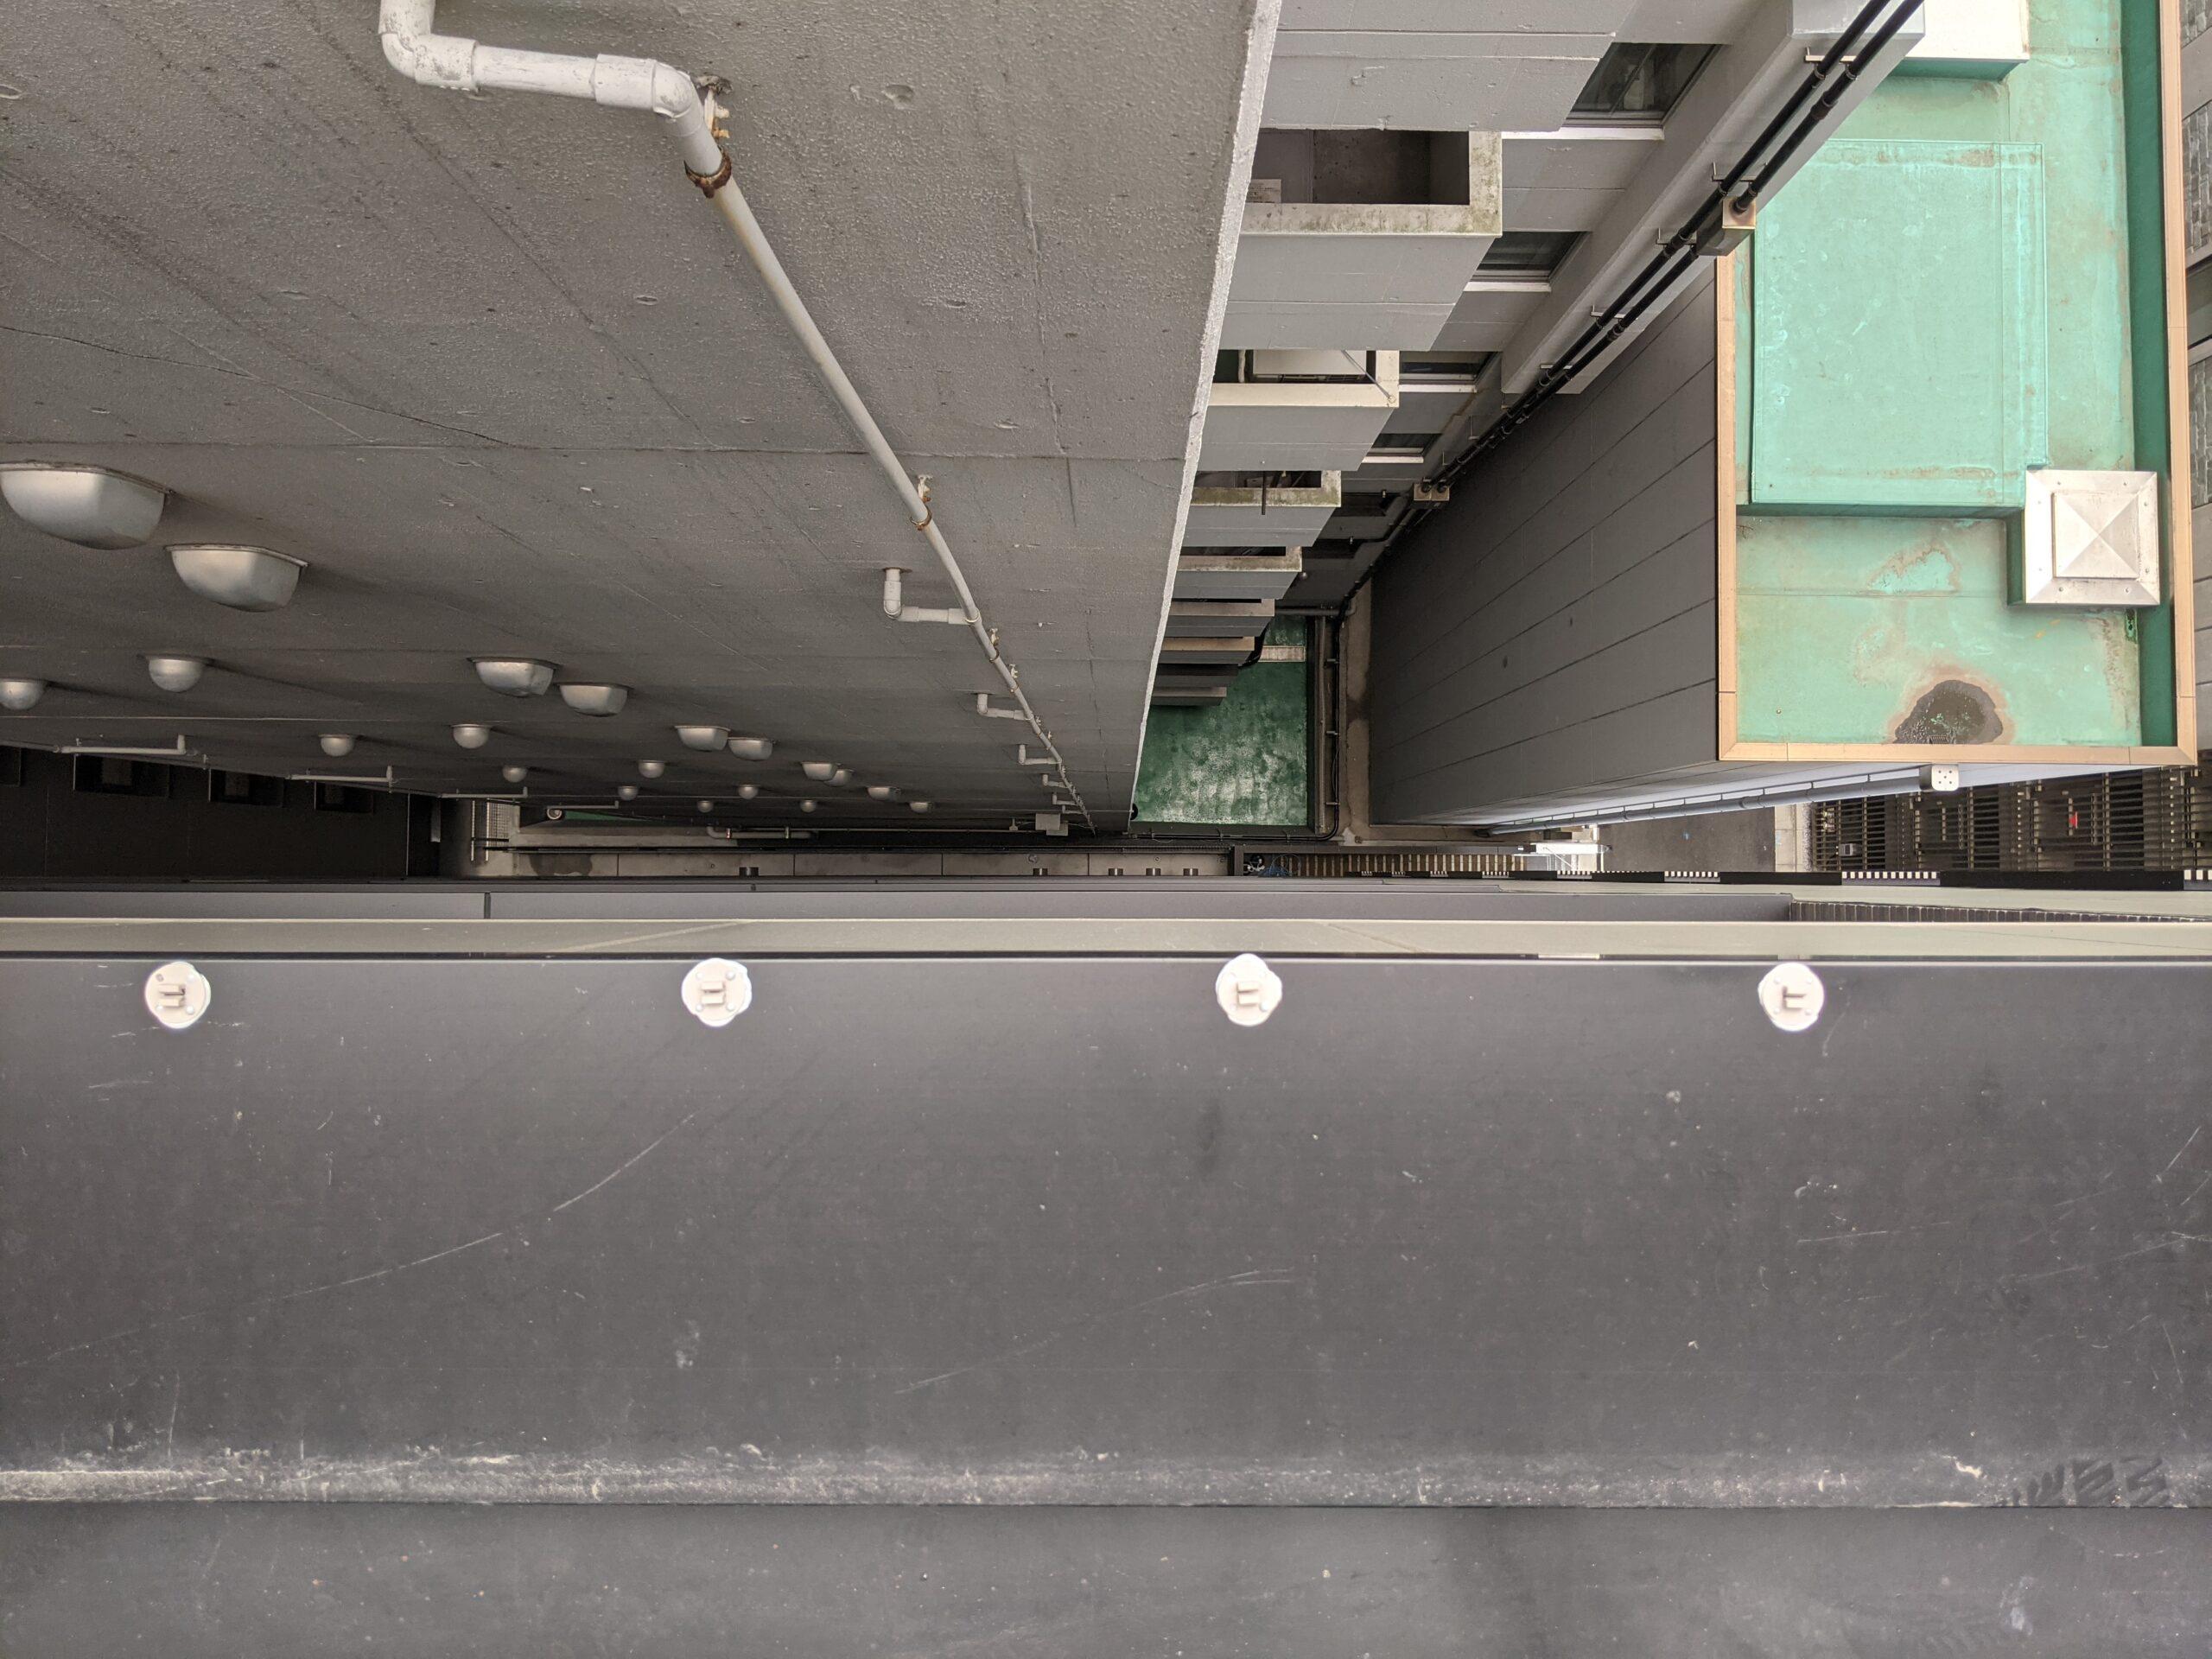 千葉県千葉市の宿泊ホテルのハト駆除:施工前